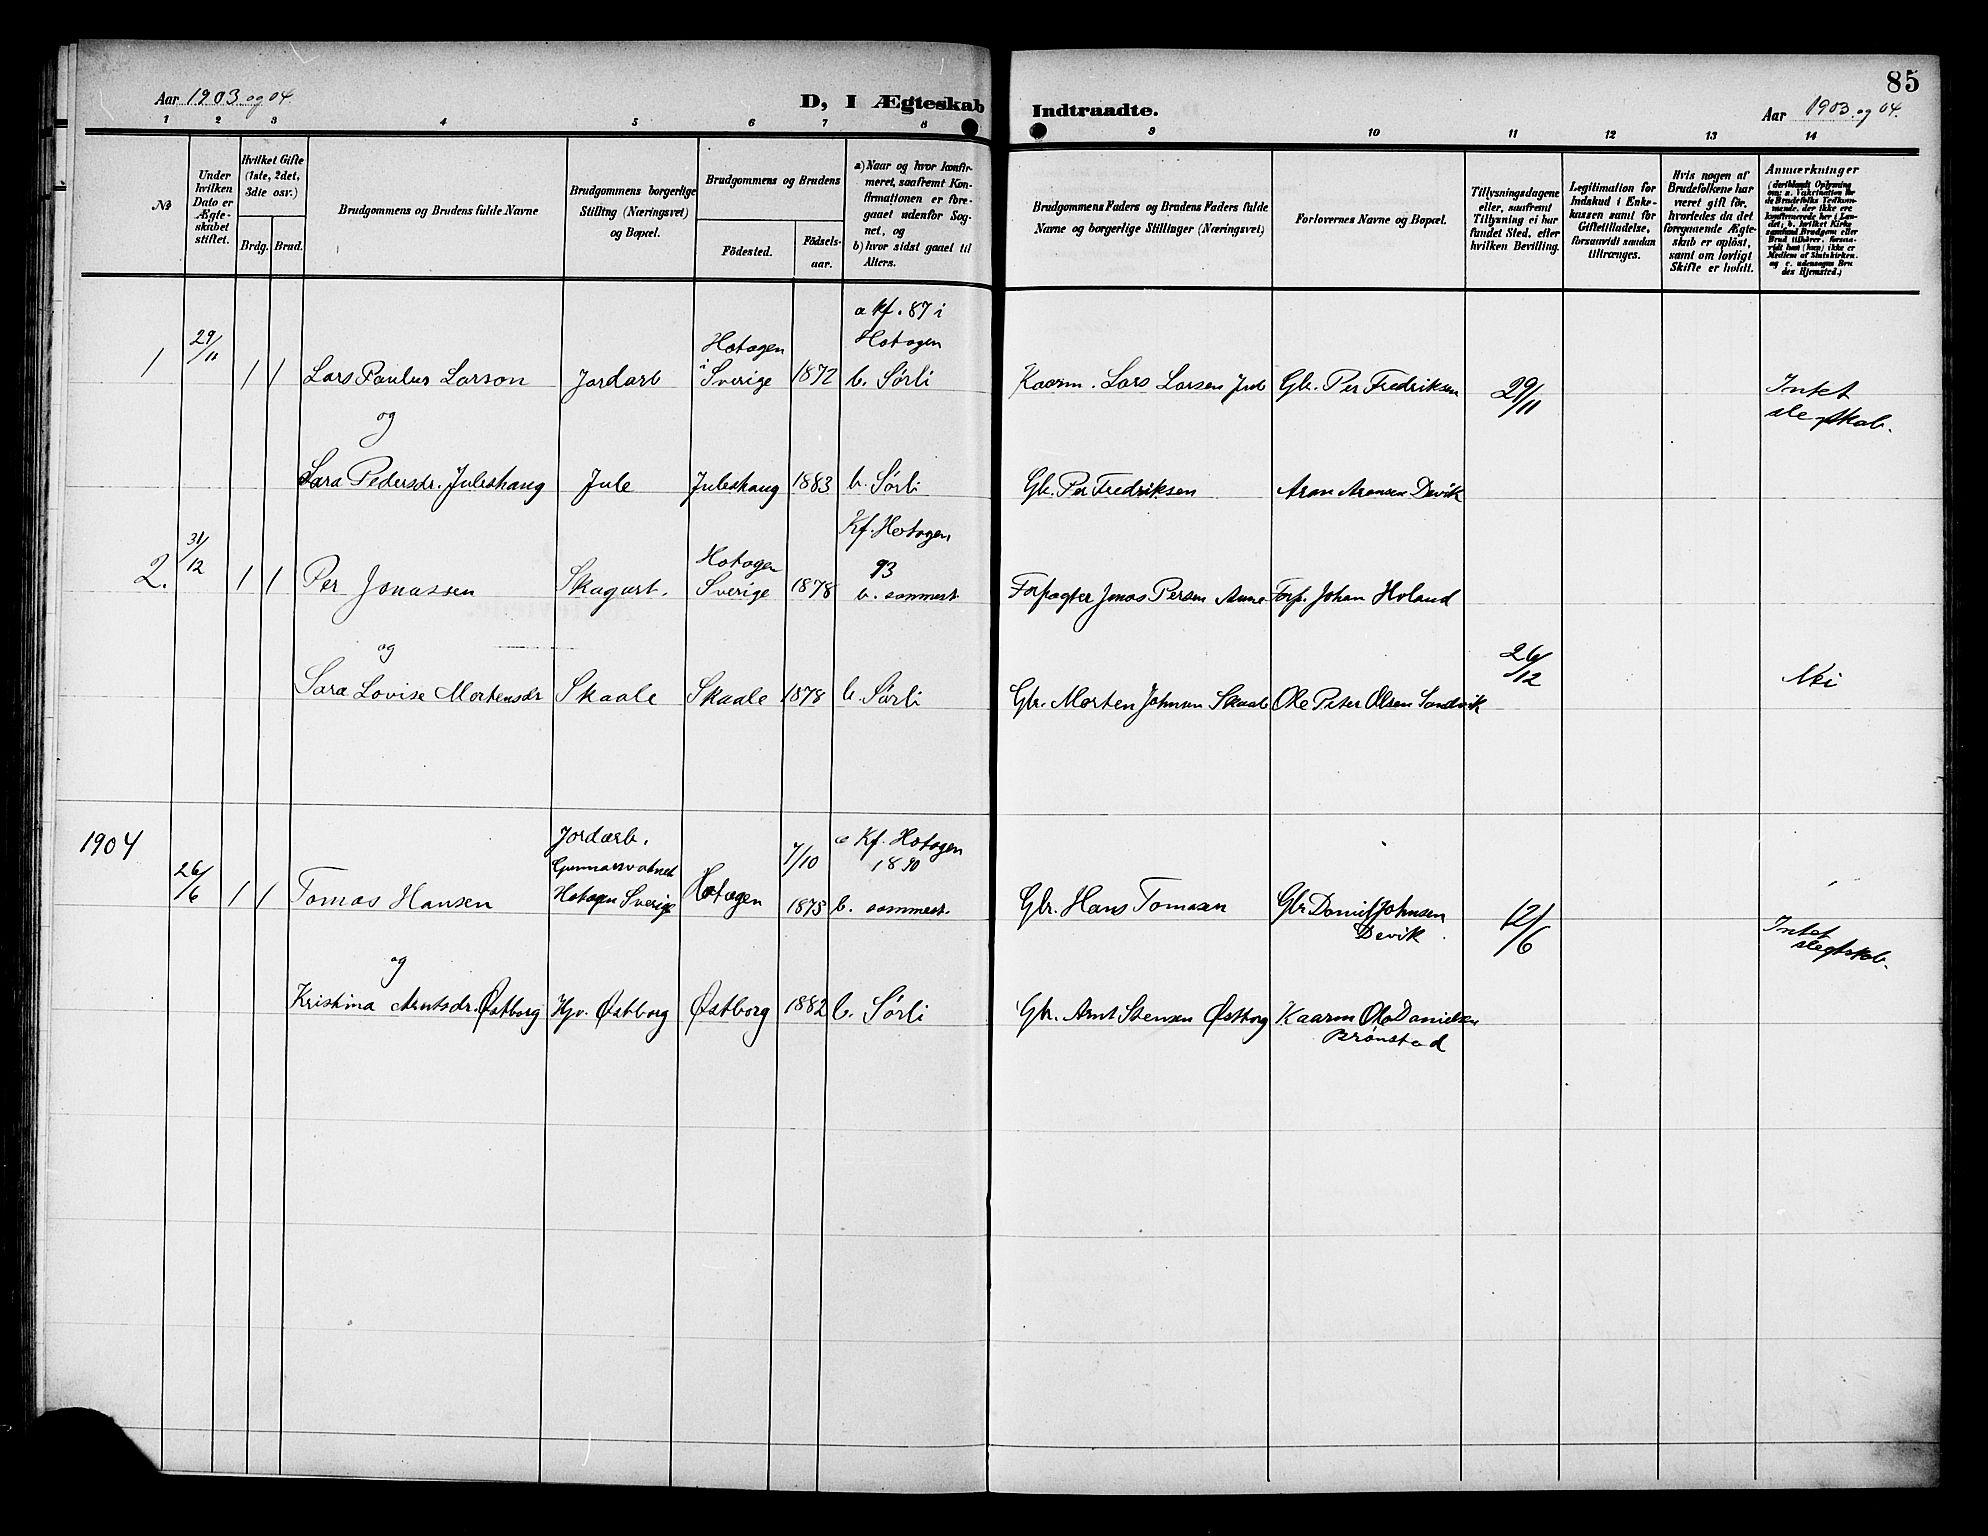 SAT, Ministerialprotokoller, klokkerbøker og fødselsregistre - Nord-Trøndelag, 757/L0506: Klokkerbok nr. 757C01, 1904-1922, s. 85